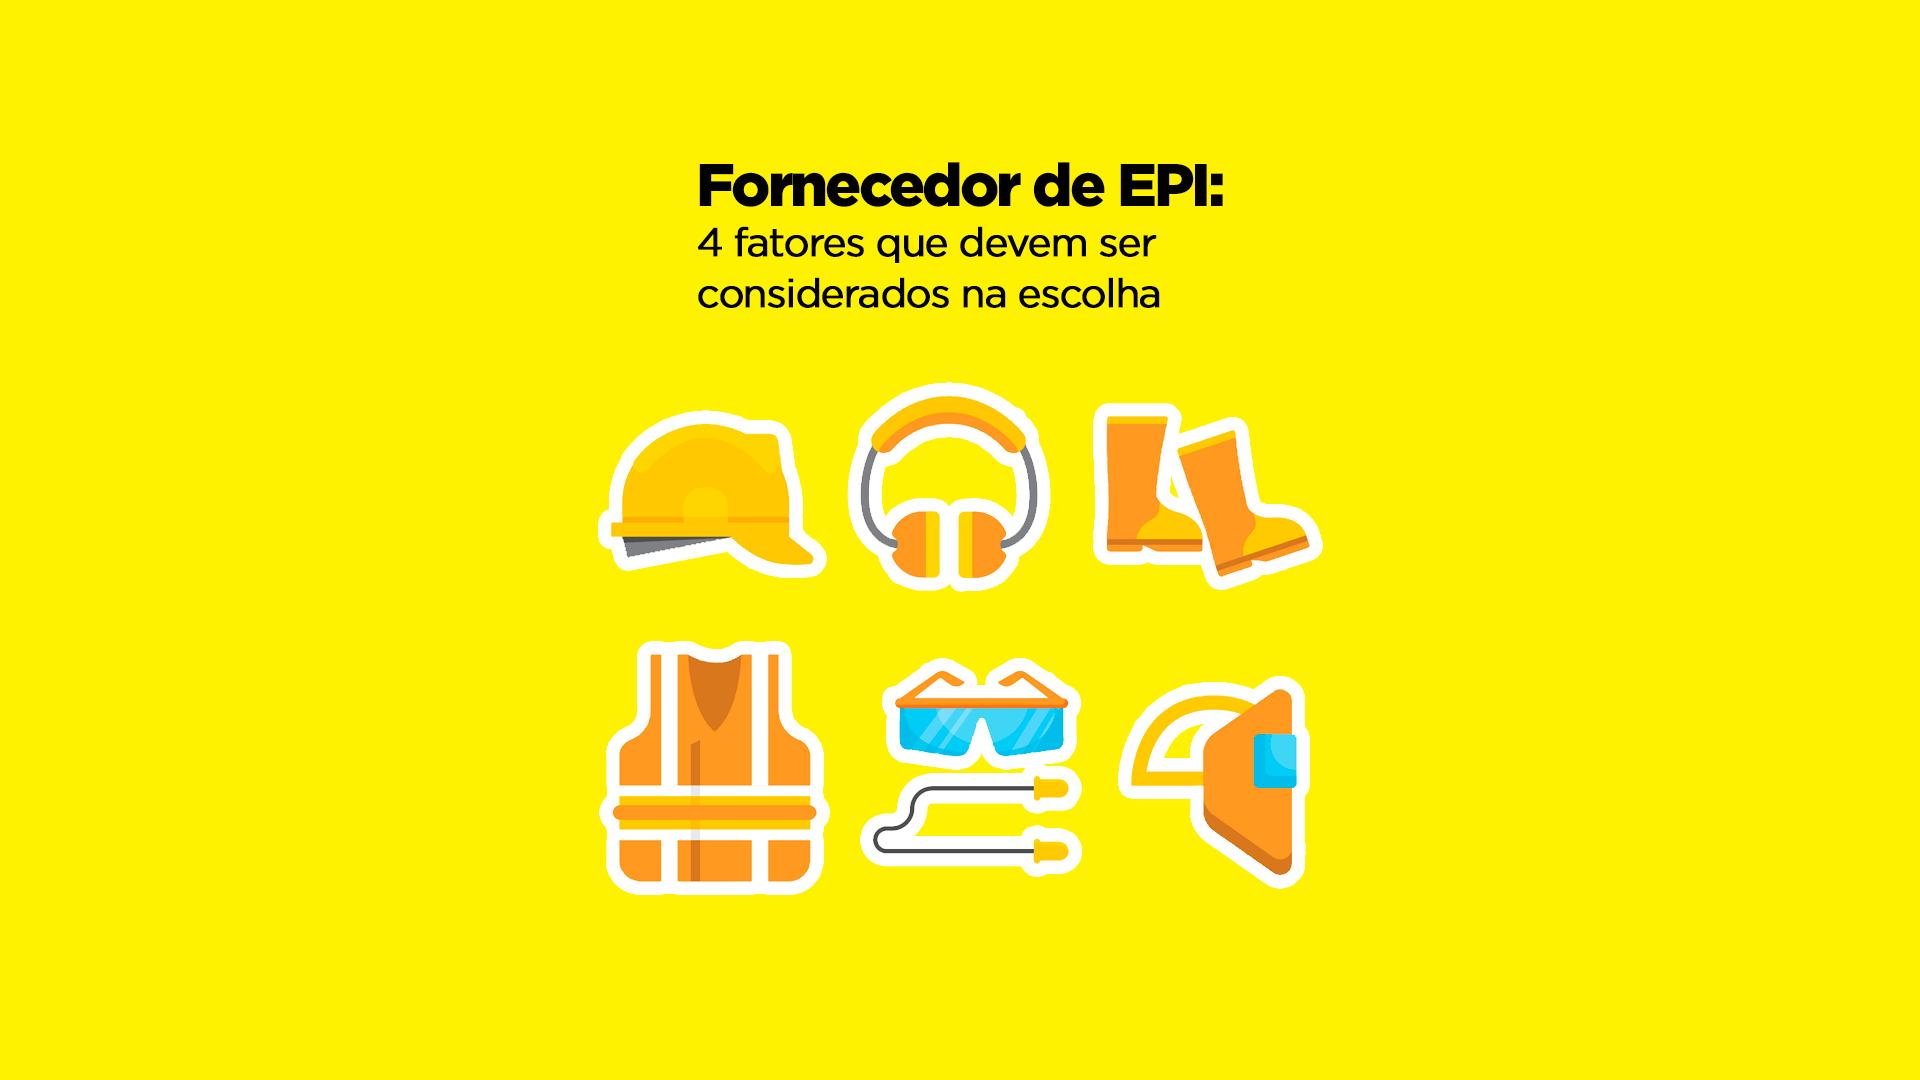 Fornecedor de EPI